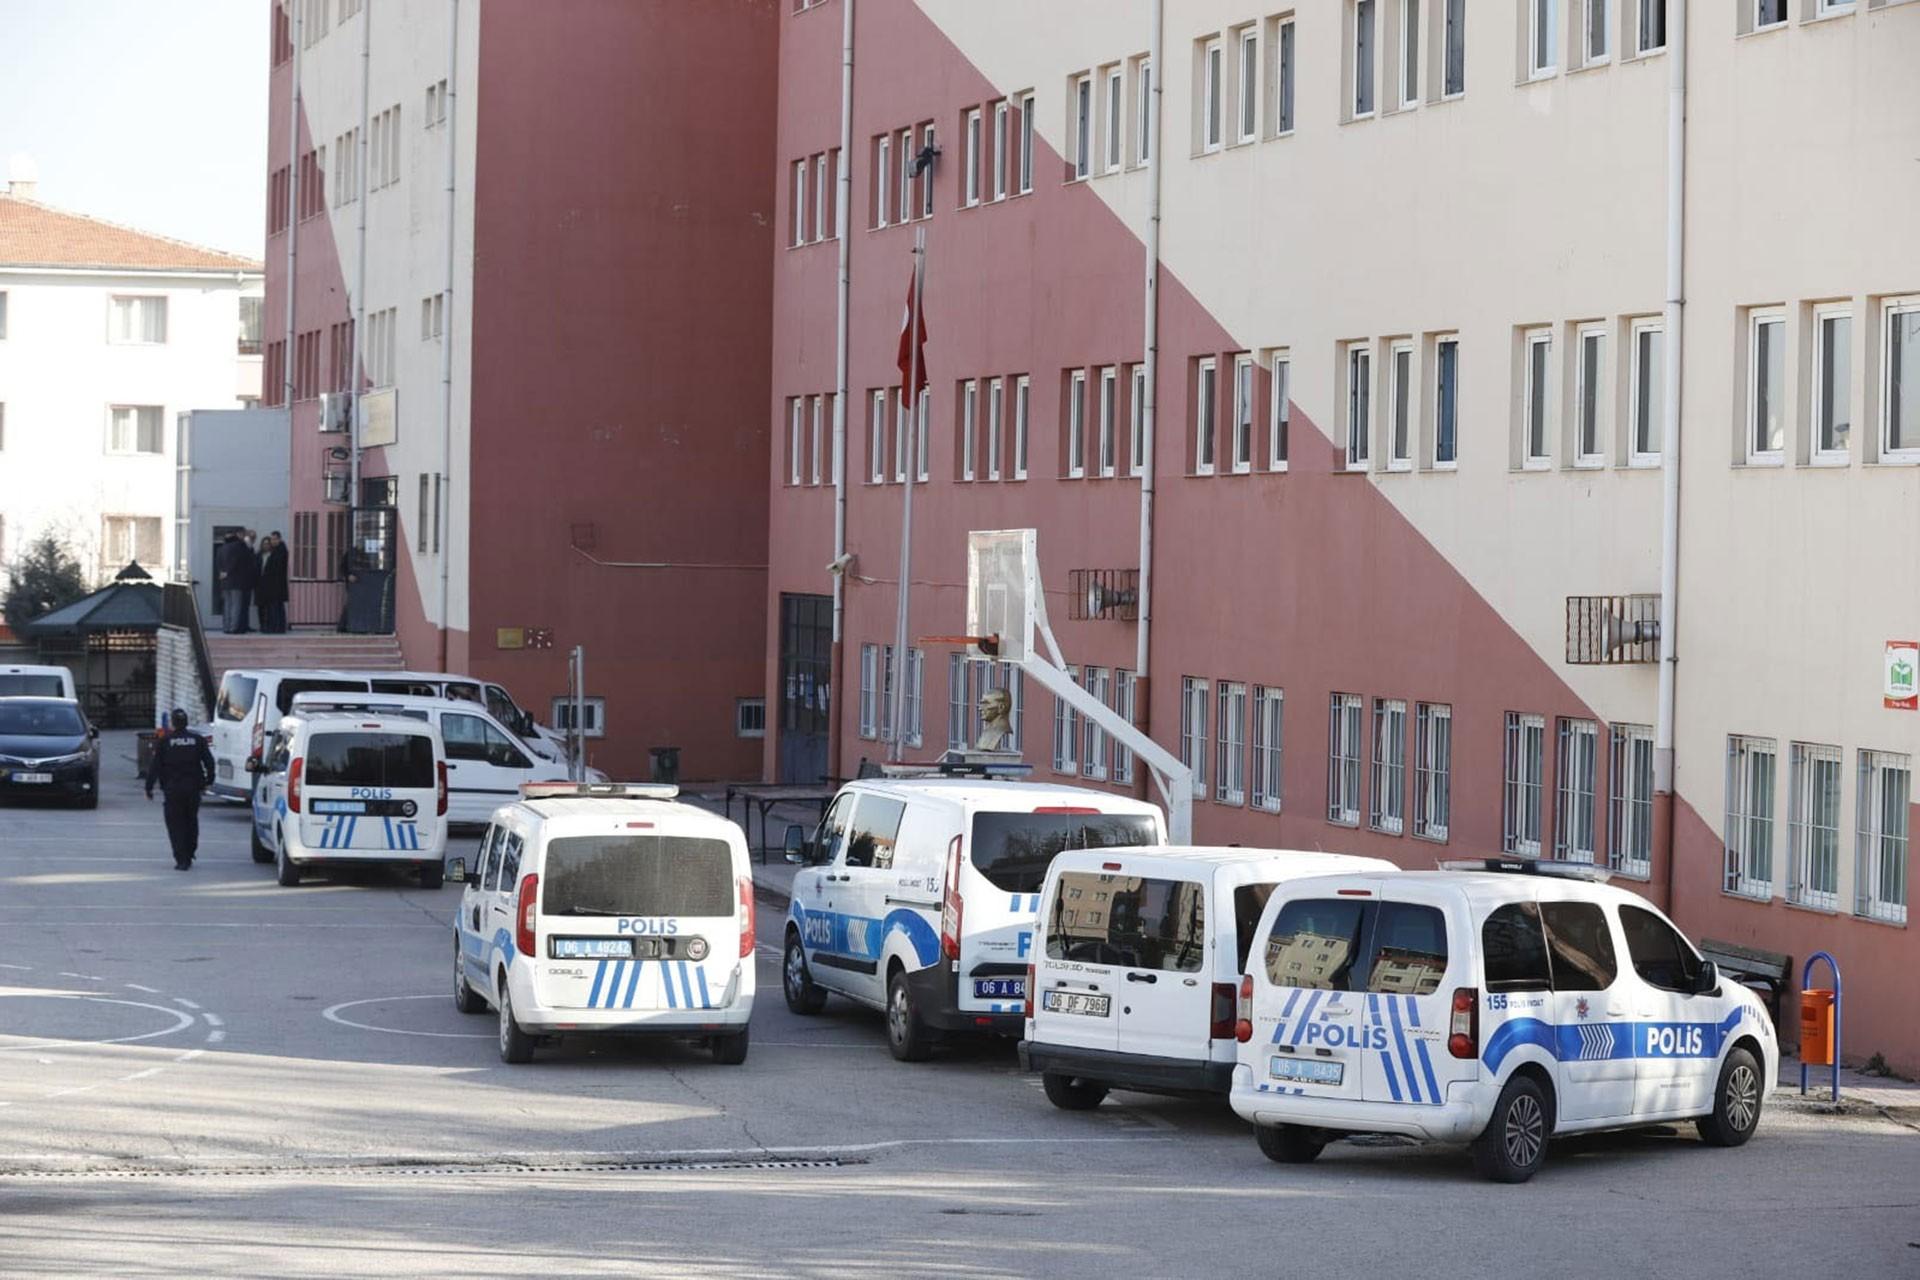 Şehit Velit Bekdaş Anadolu Lisesinin bahçesi ve polis araçları